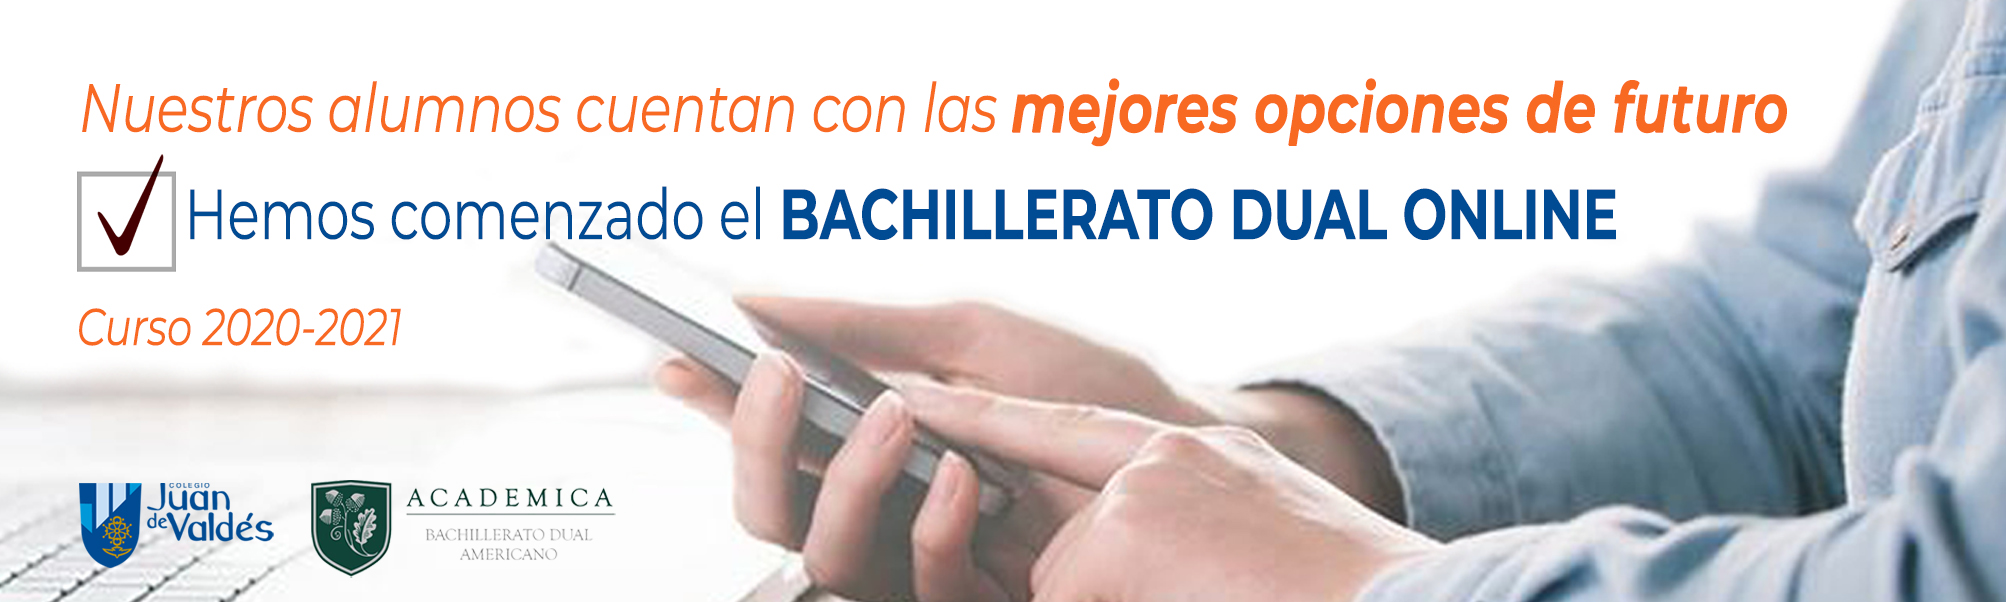 Bachillerato Dual Online